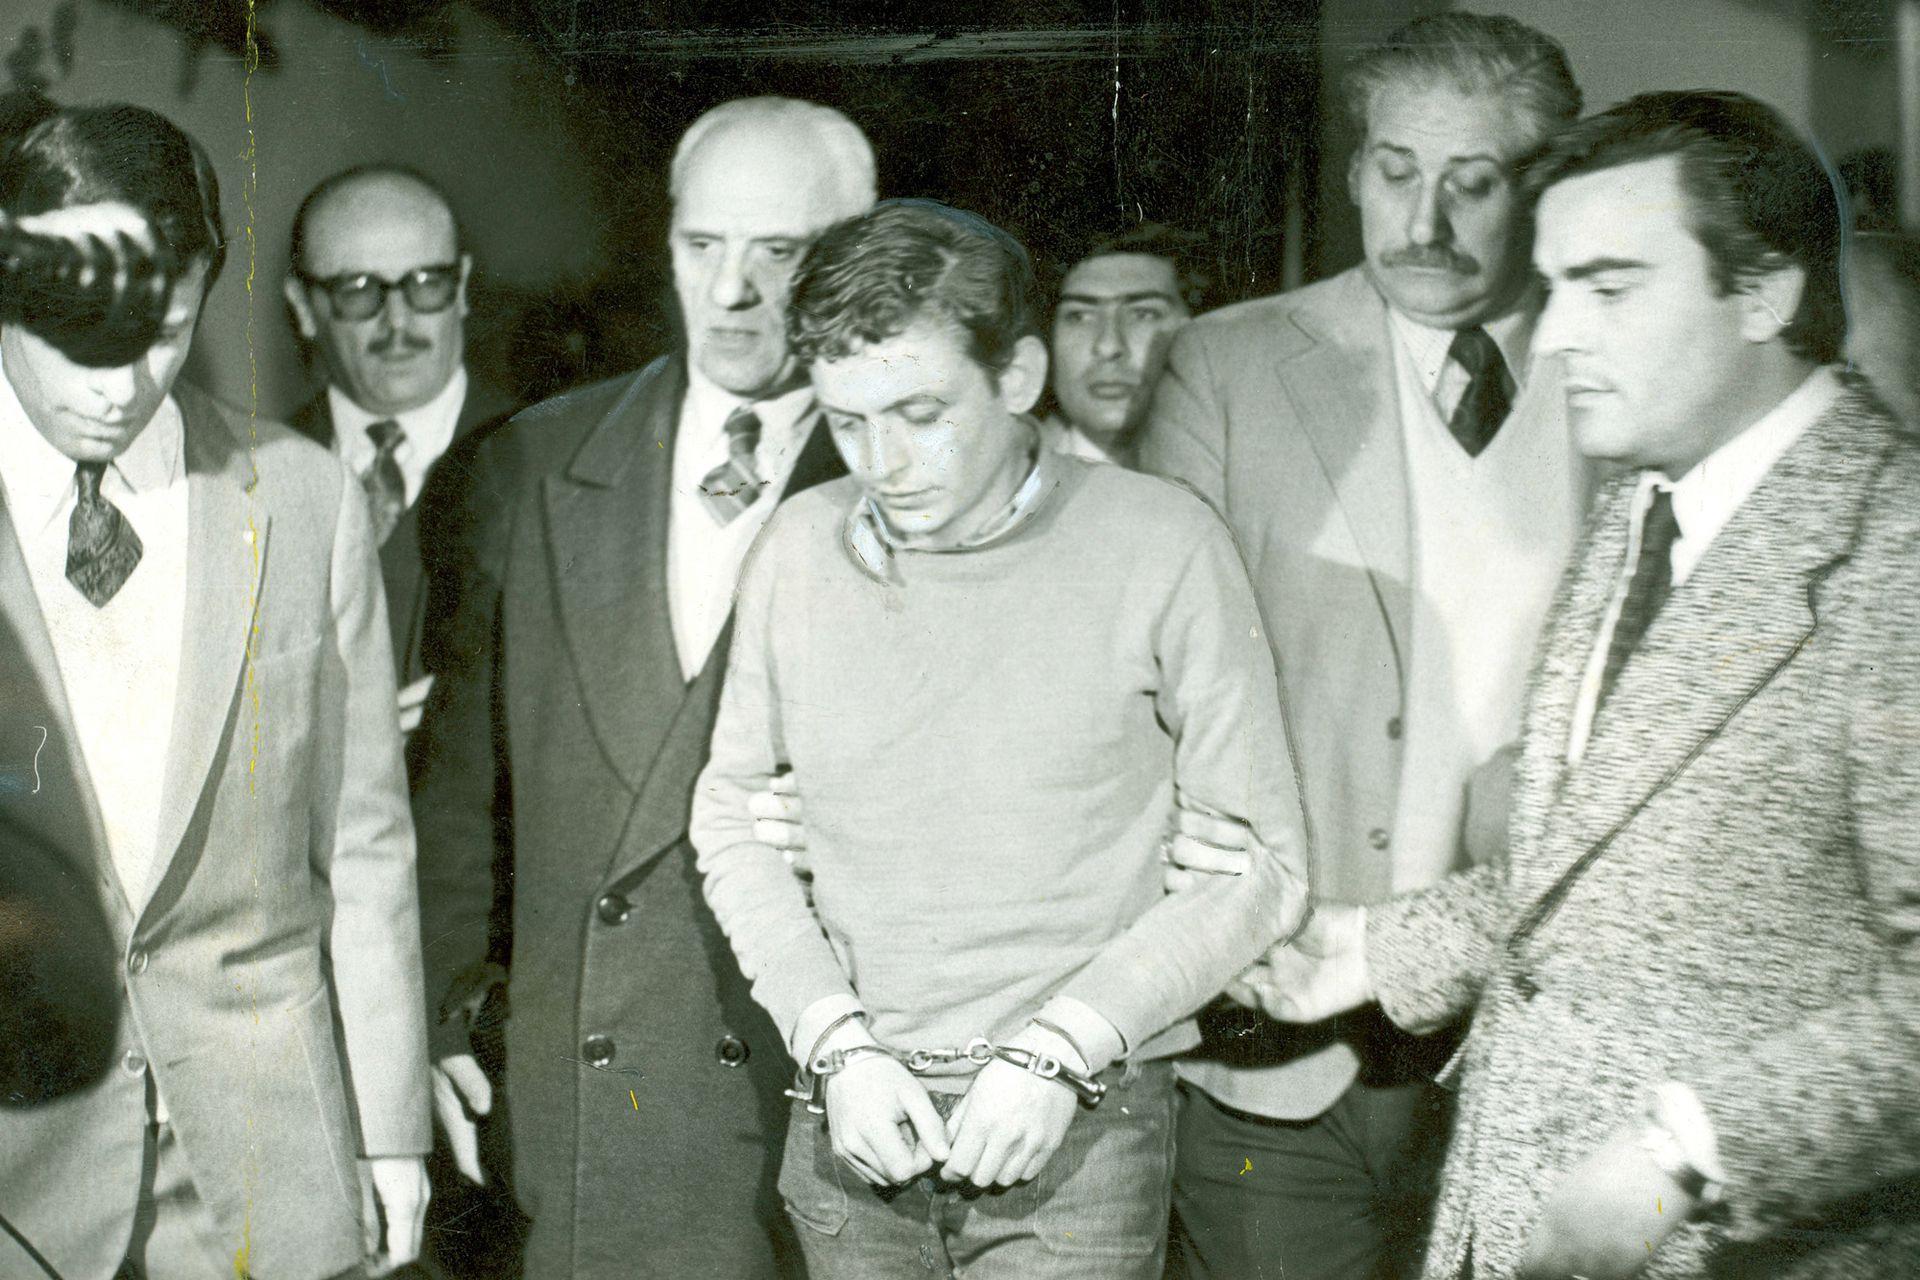 Robledo Puch es trasladado de la brigada de Martinez al penal de La Plata. Lo lleva Roberto Petinatto jefe del servicio penitenciario (10 de julio de 1973)